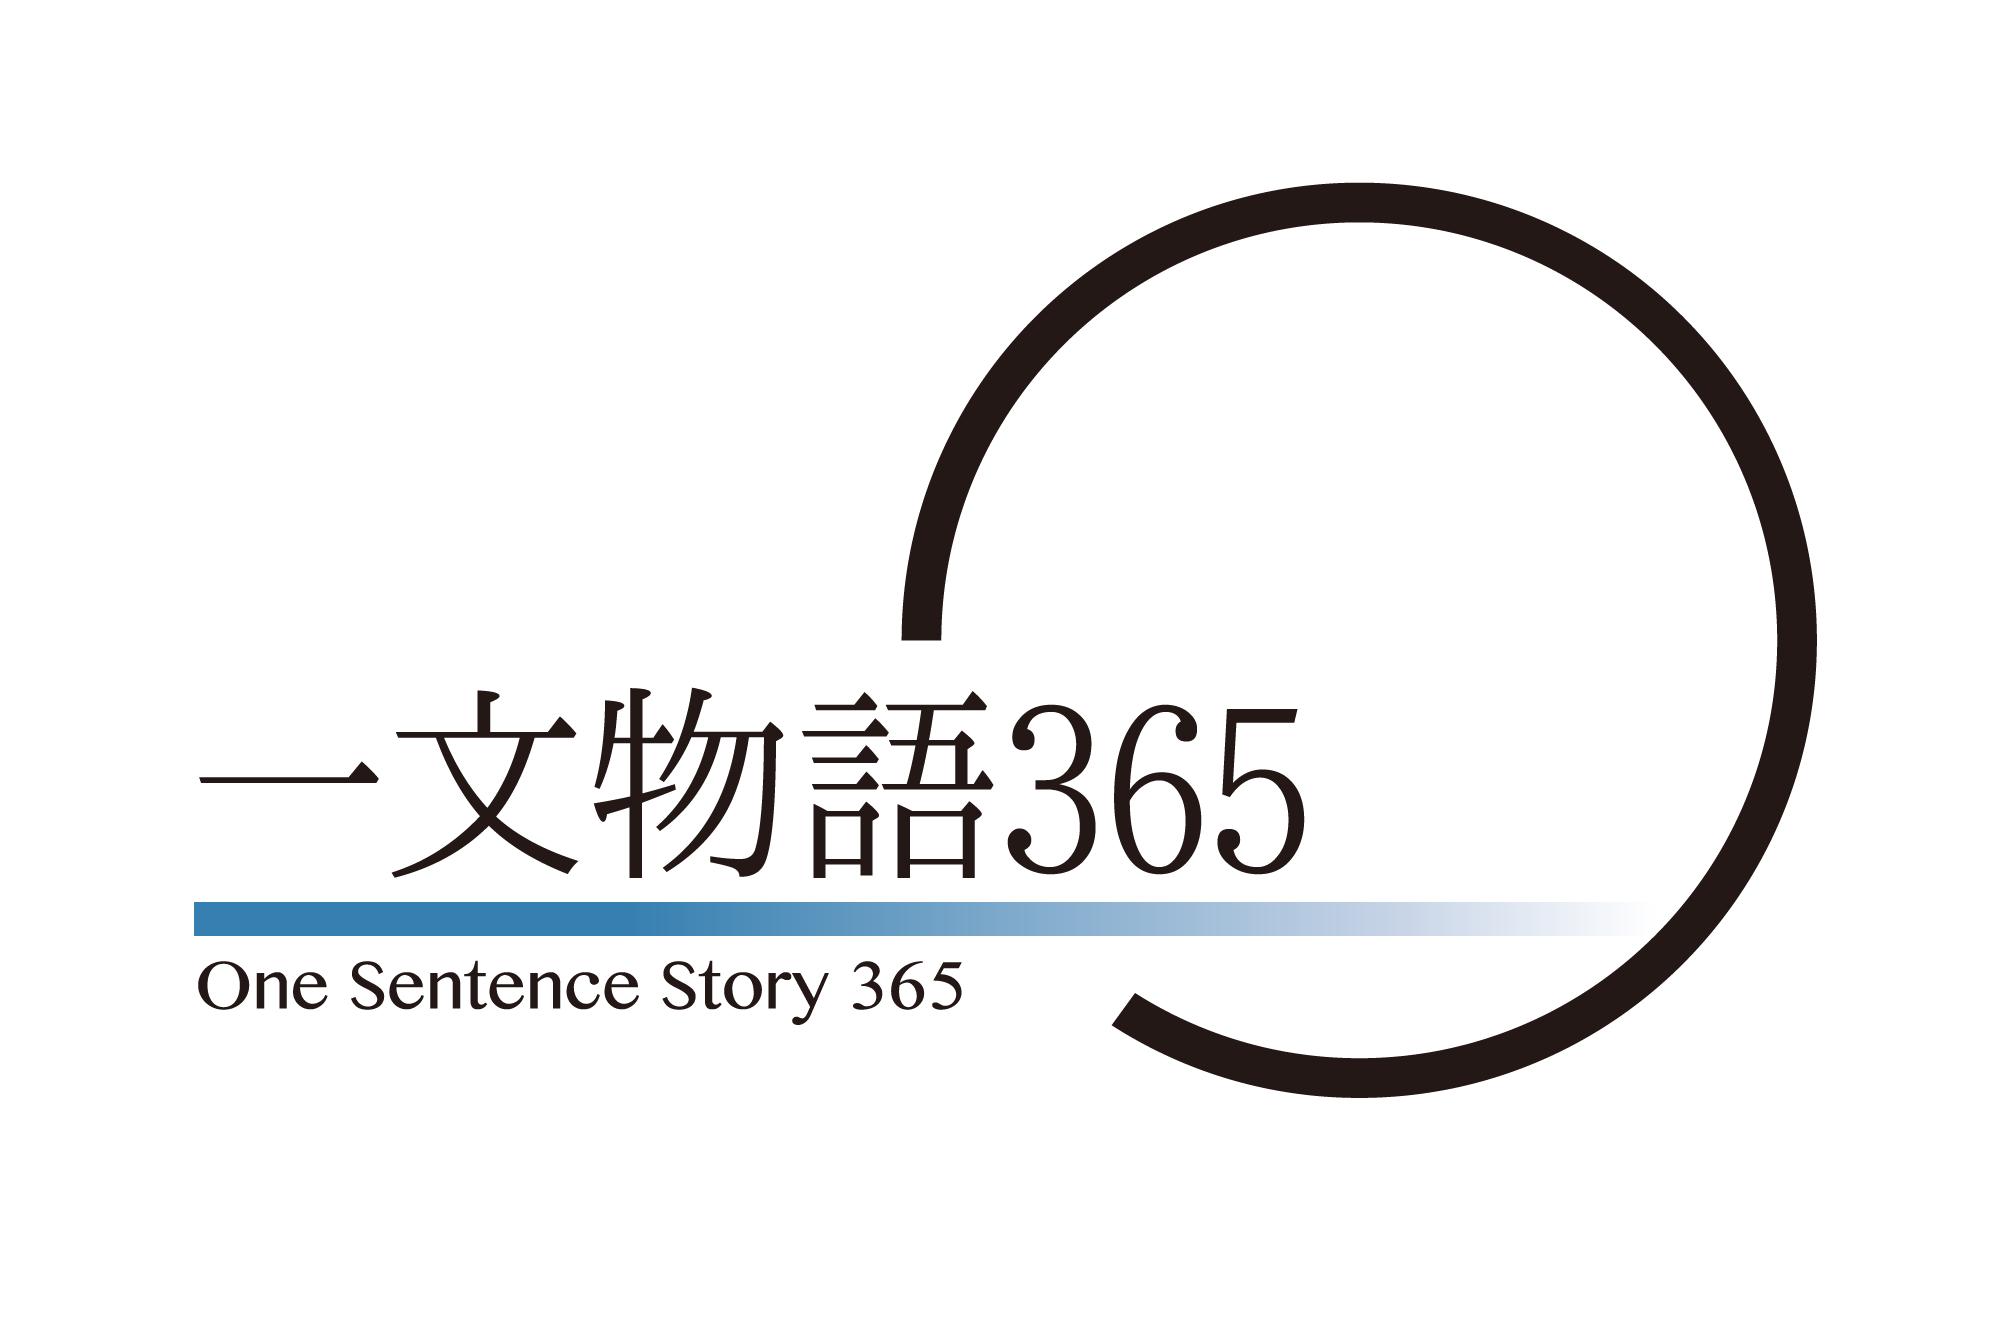 一文物語365ロゴ